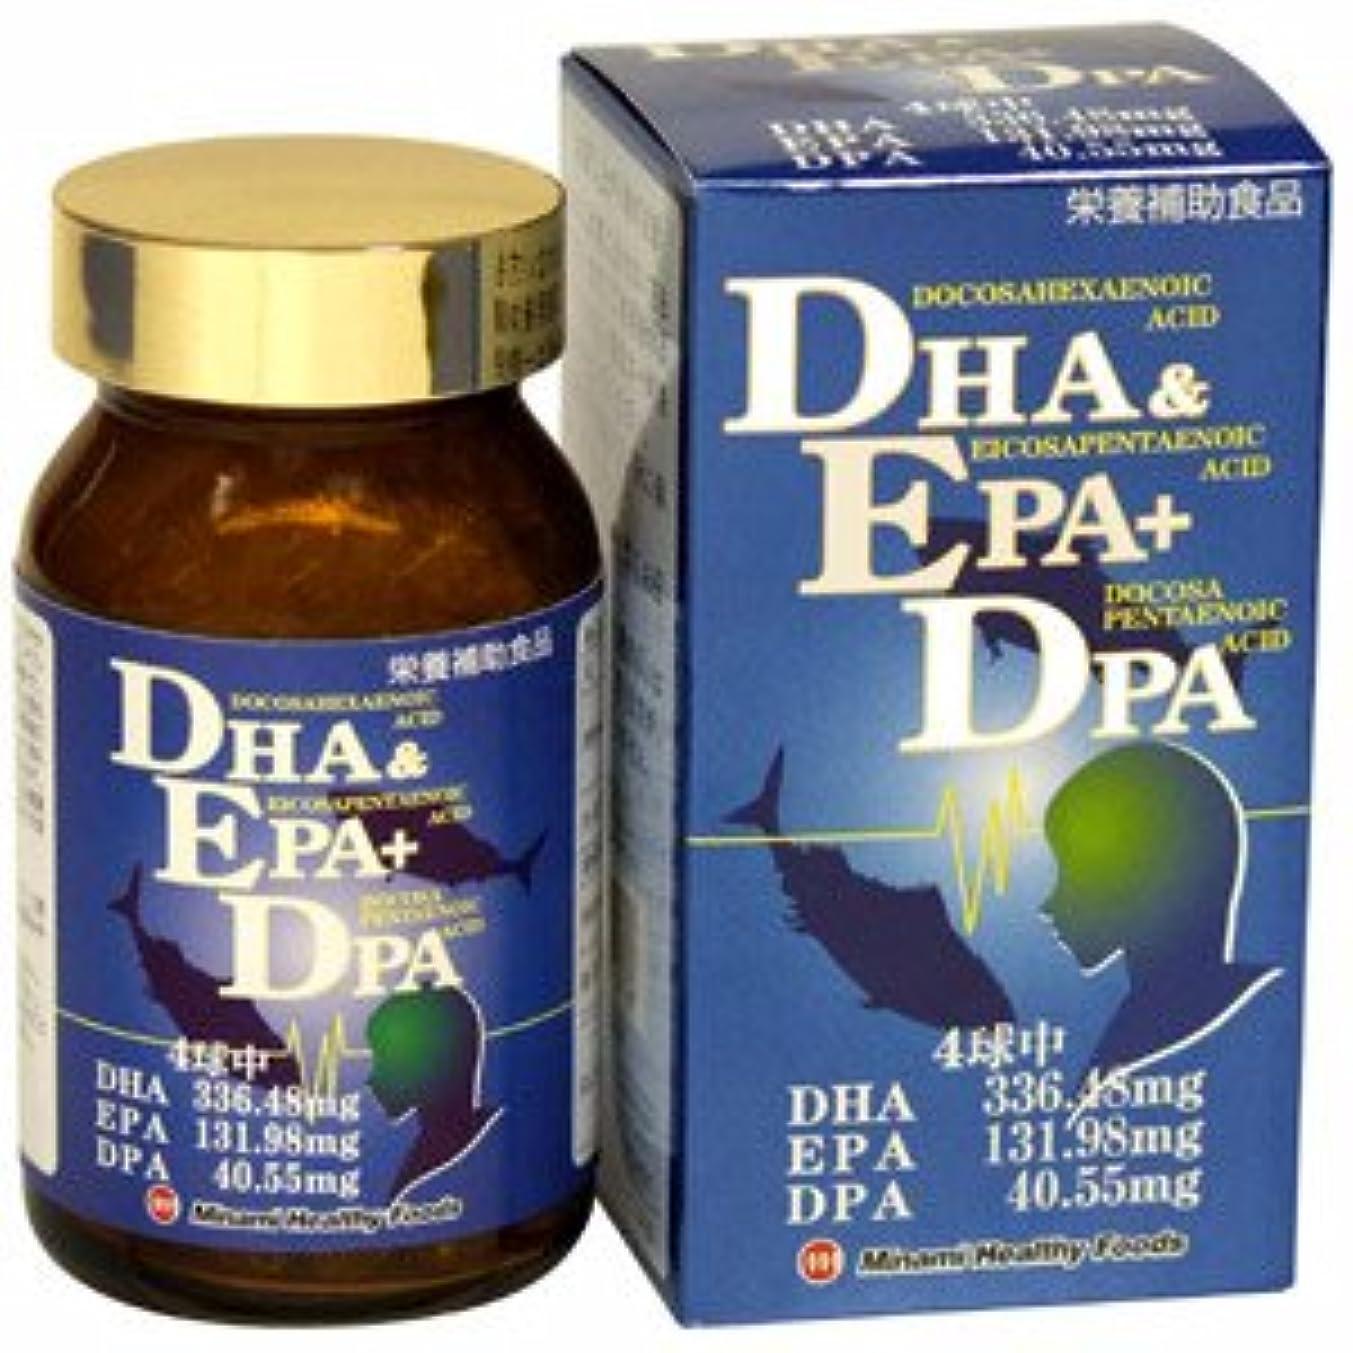 一元化するブレイズできたDHA&EPA+DPA(単品)ミナミヘルシーフーズ